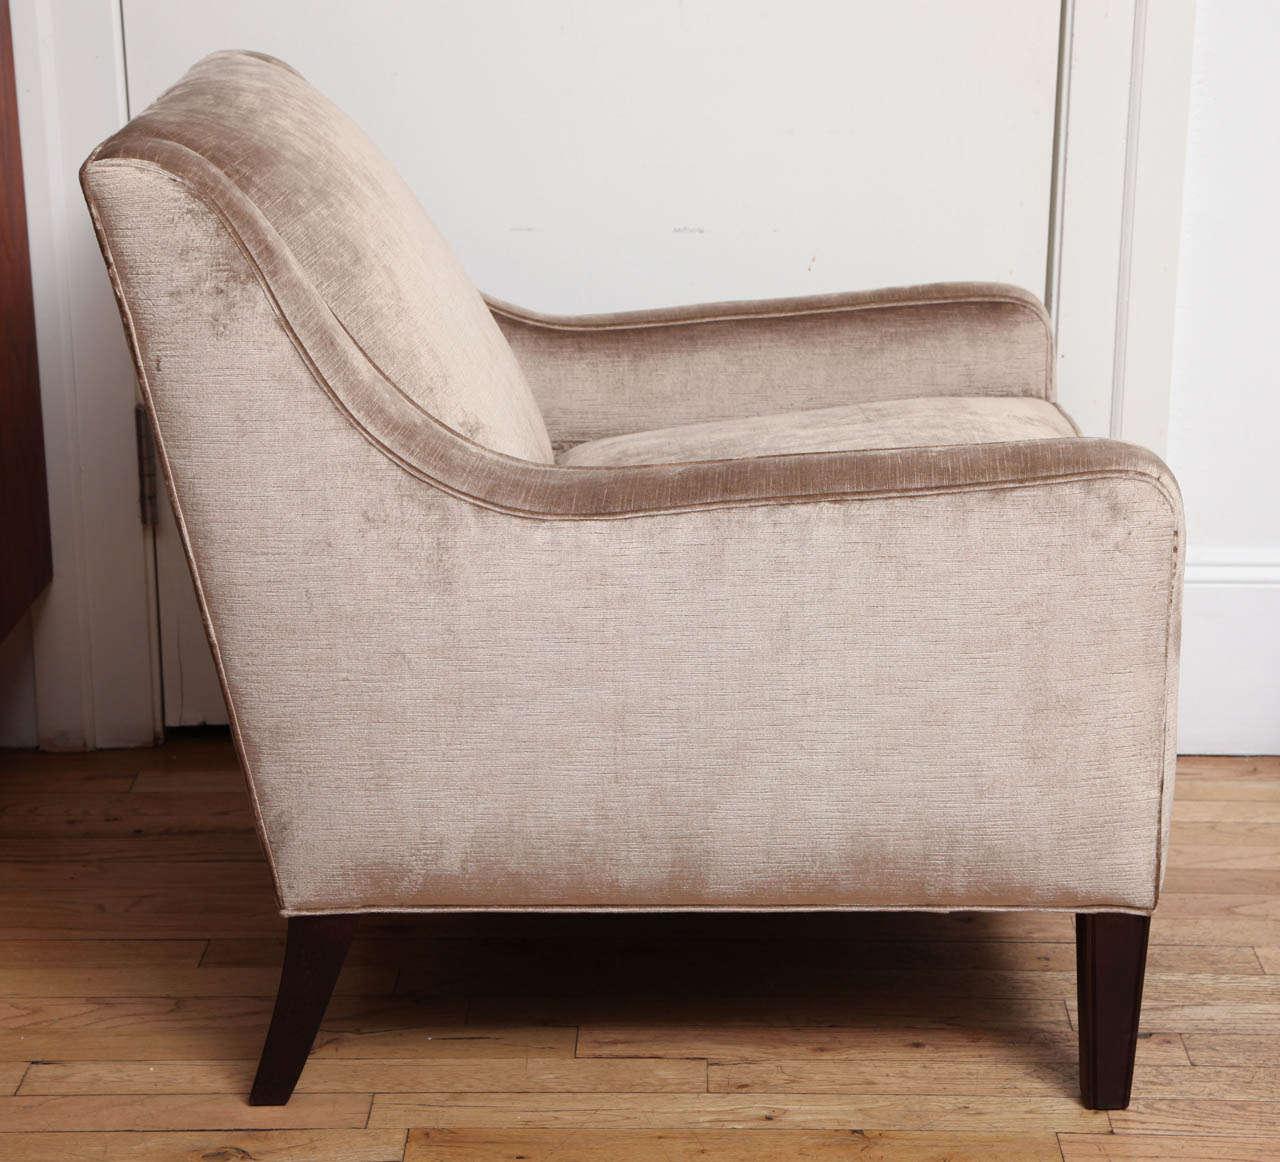 brown slipper chair fabric desk chairs upholstered in light cut velvet at 1stdibs